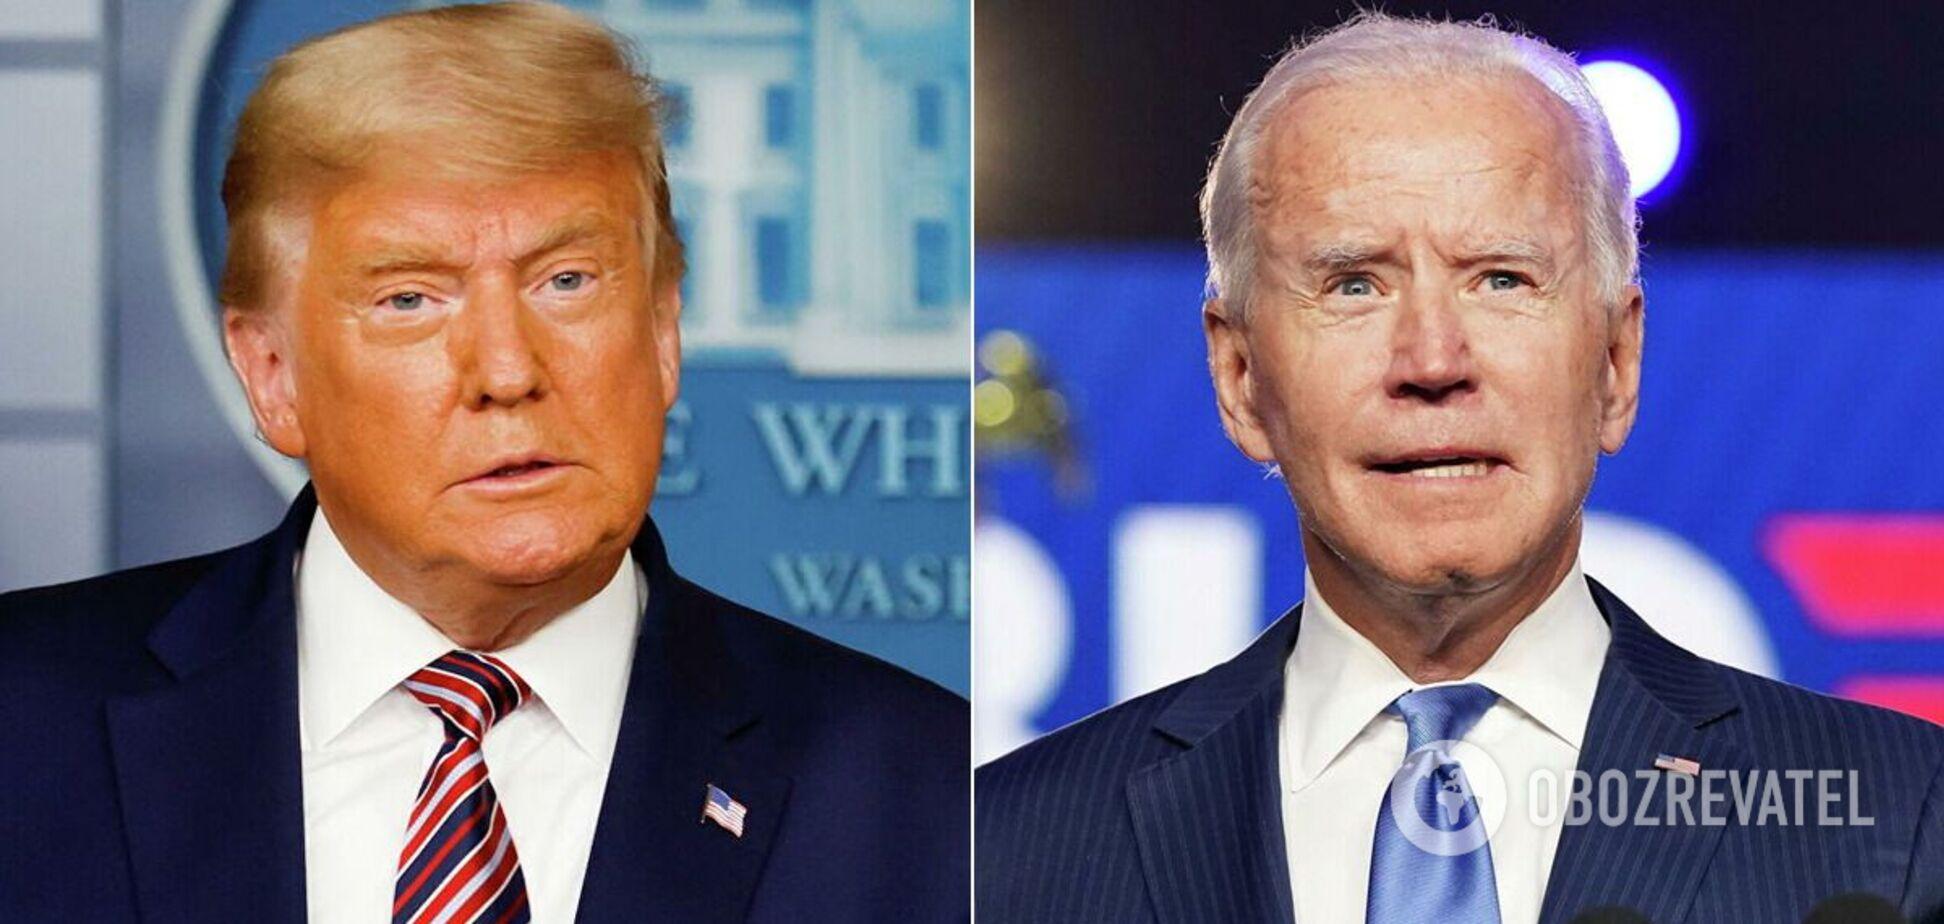 Выборы в США: Трамп и Байден